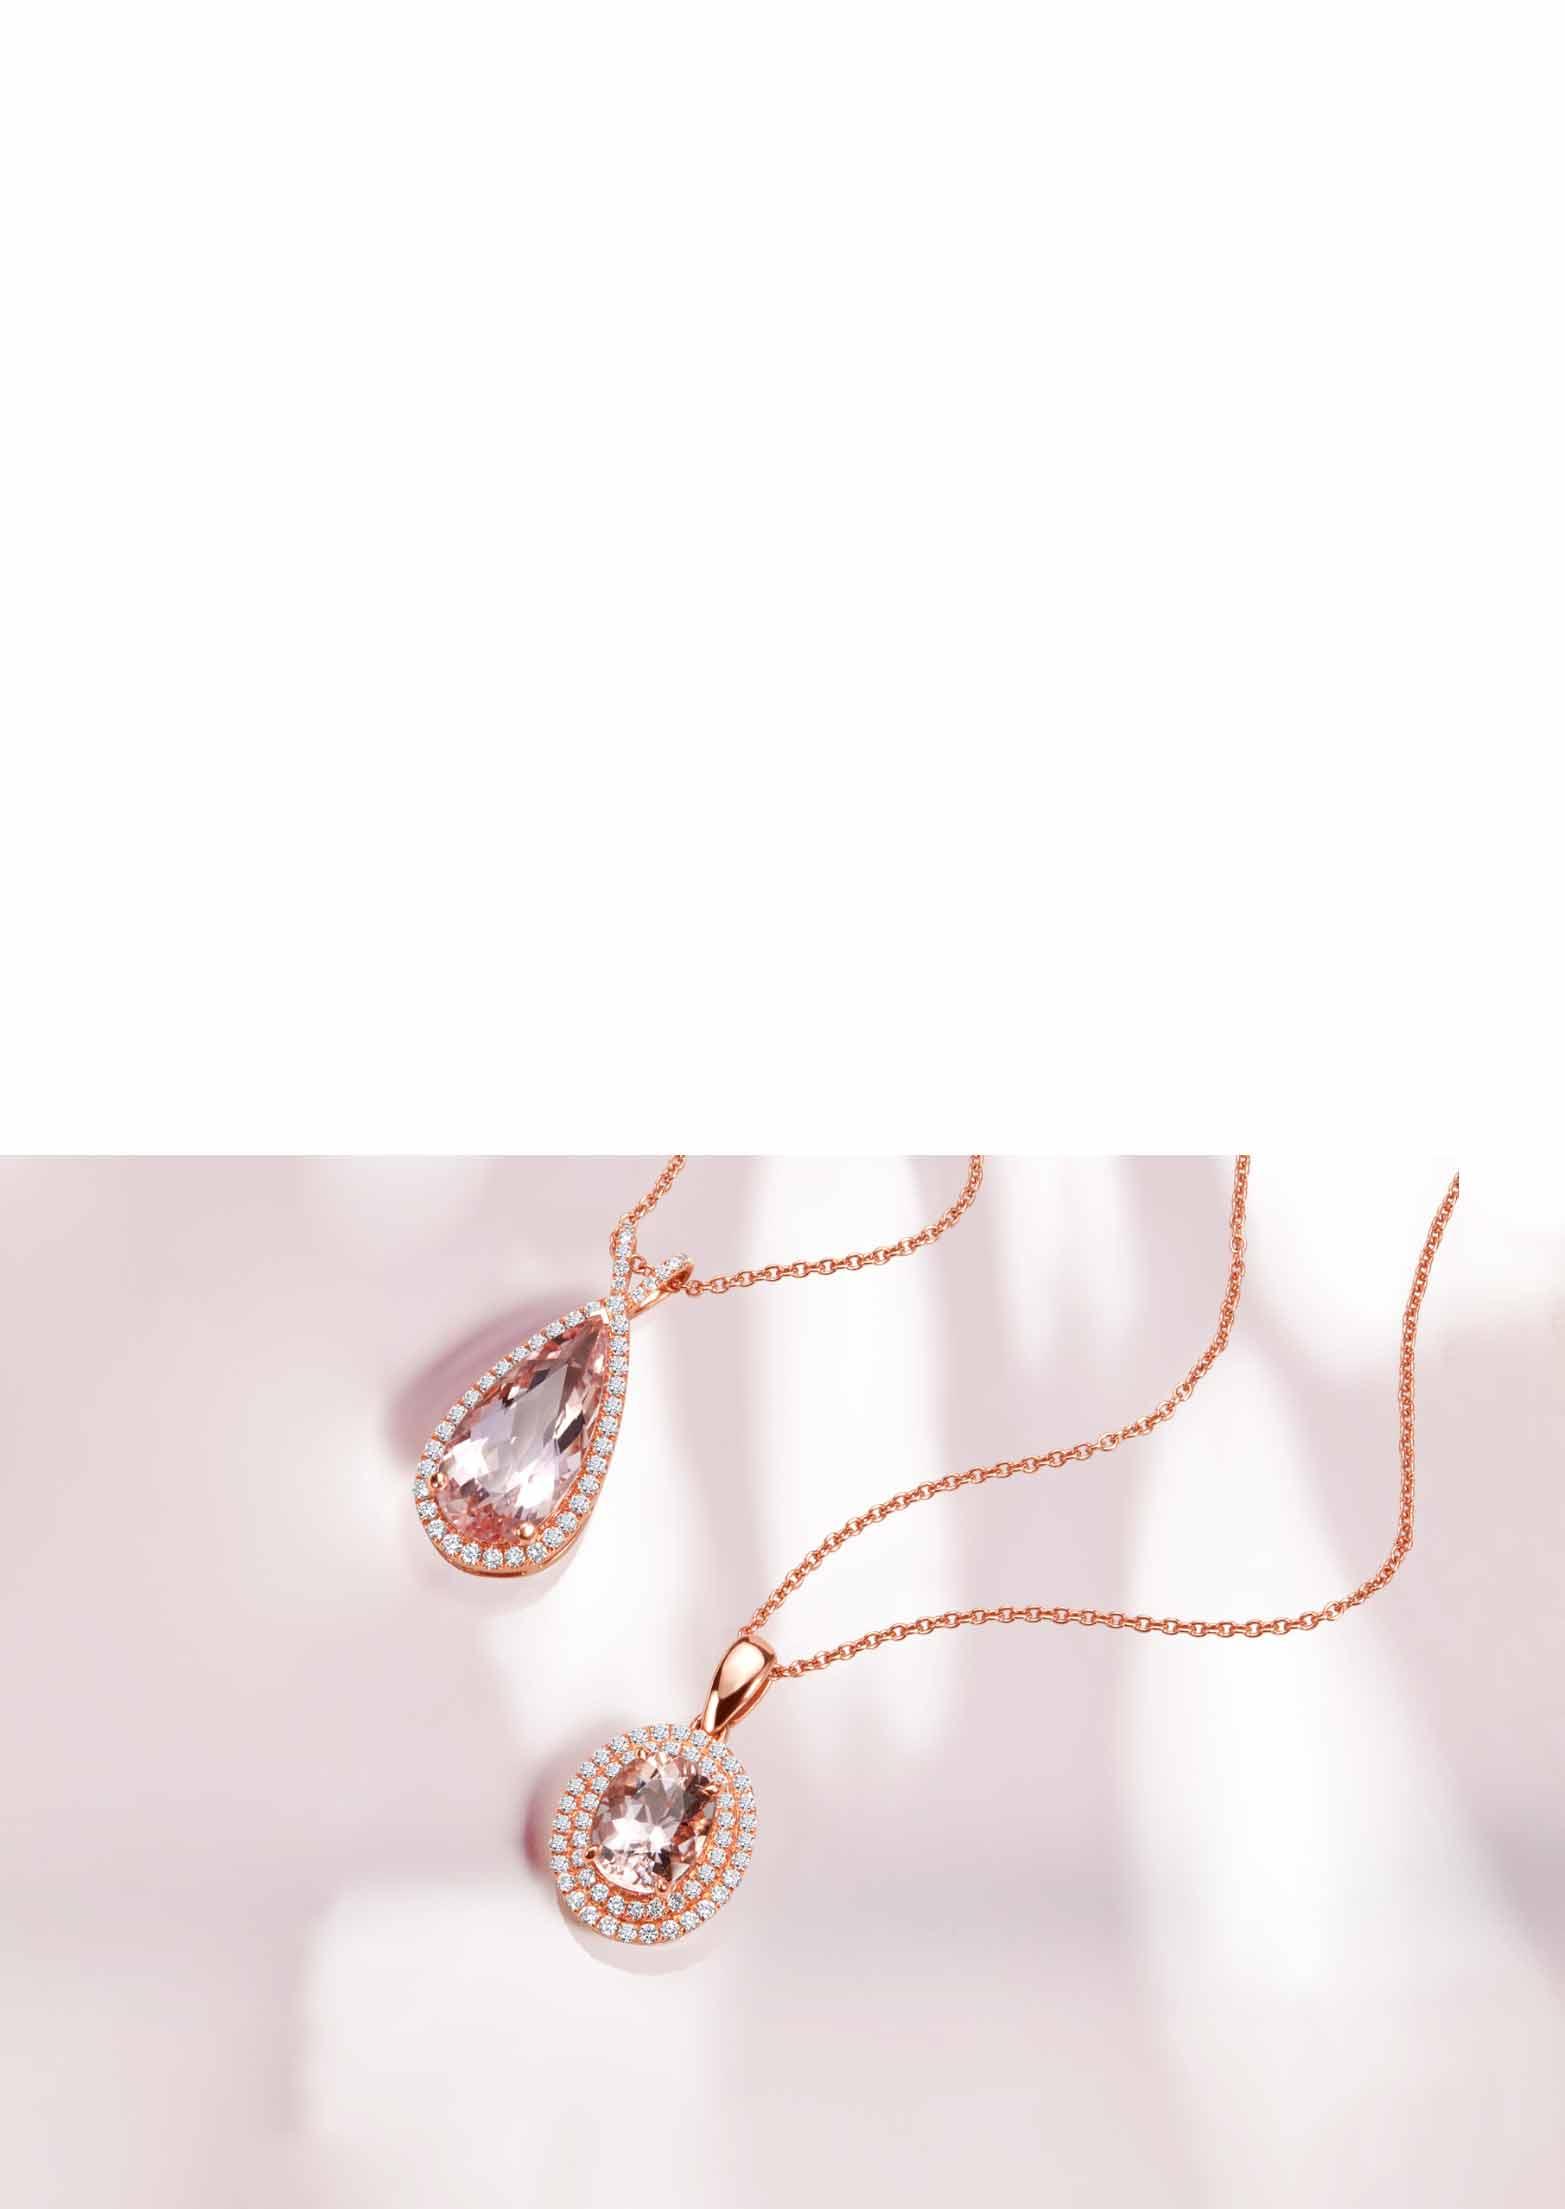 Necklaces & Pendants - Steven Stone